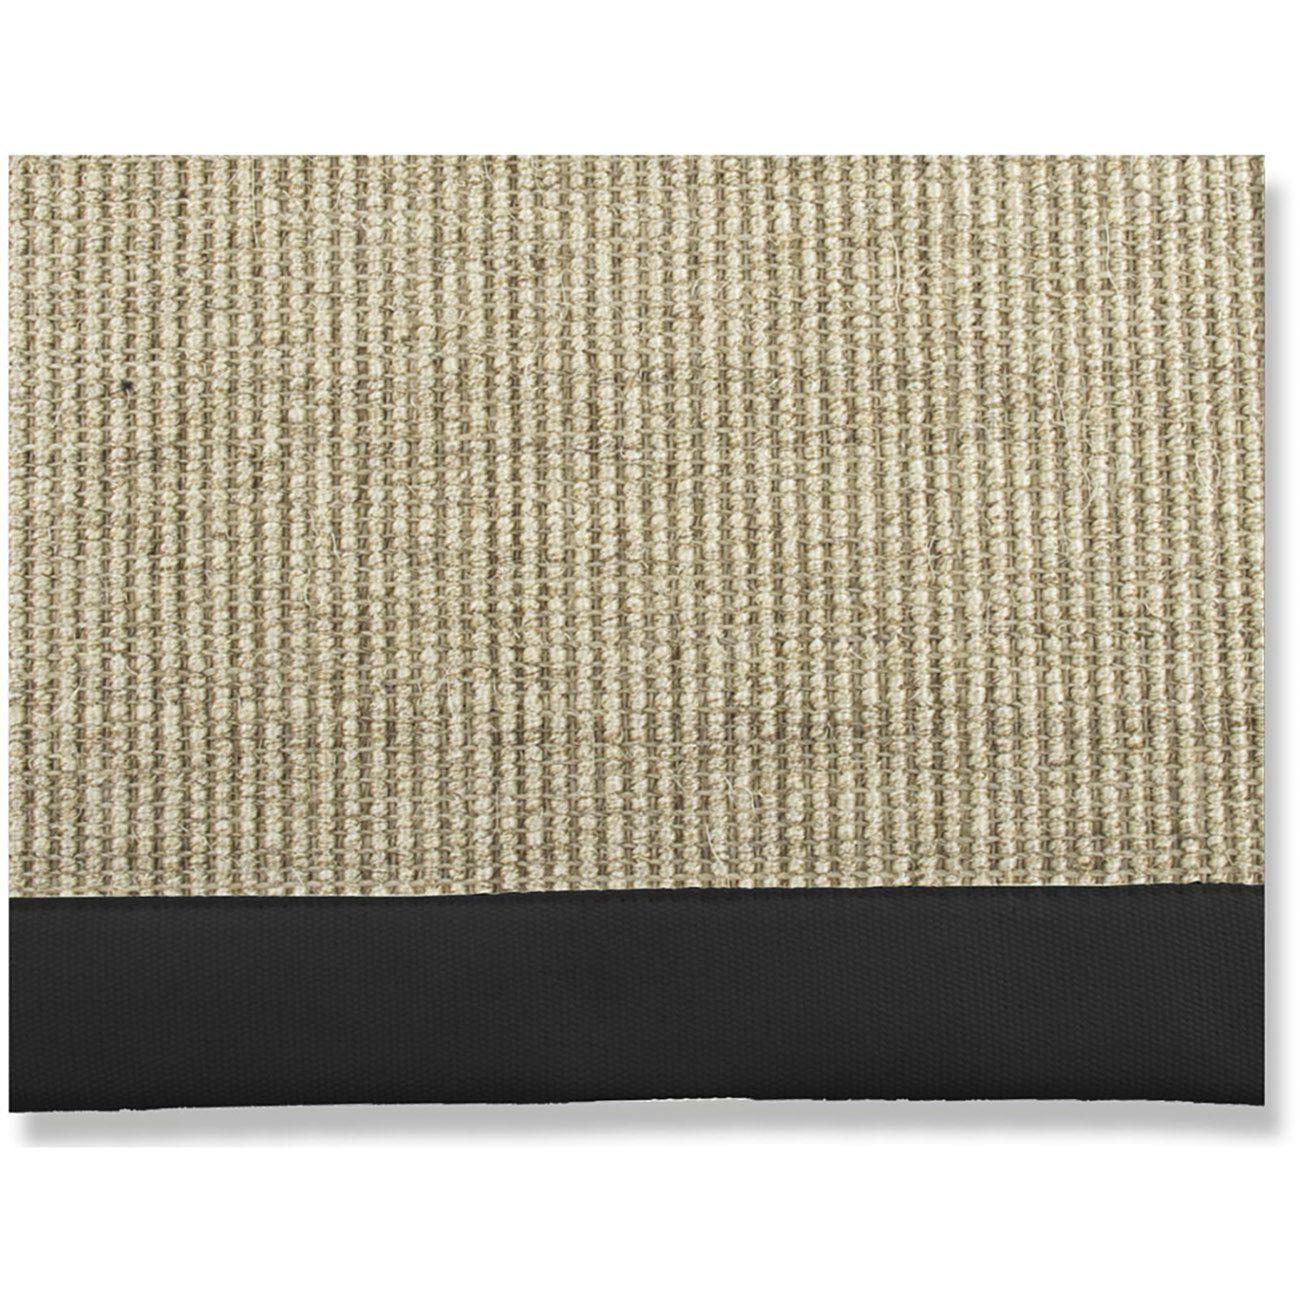 Sisal Black hampa matta med svart kant från Artwood